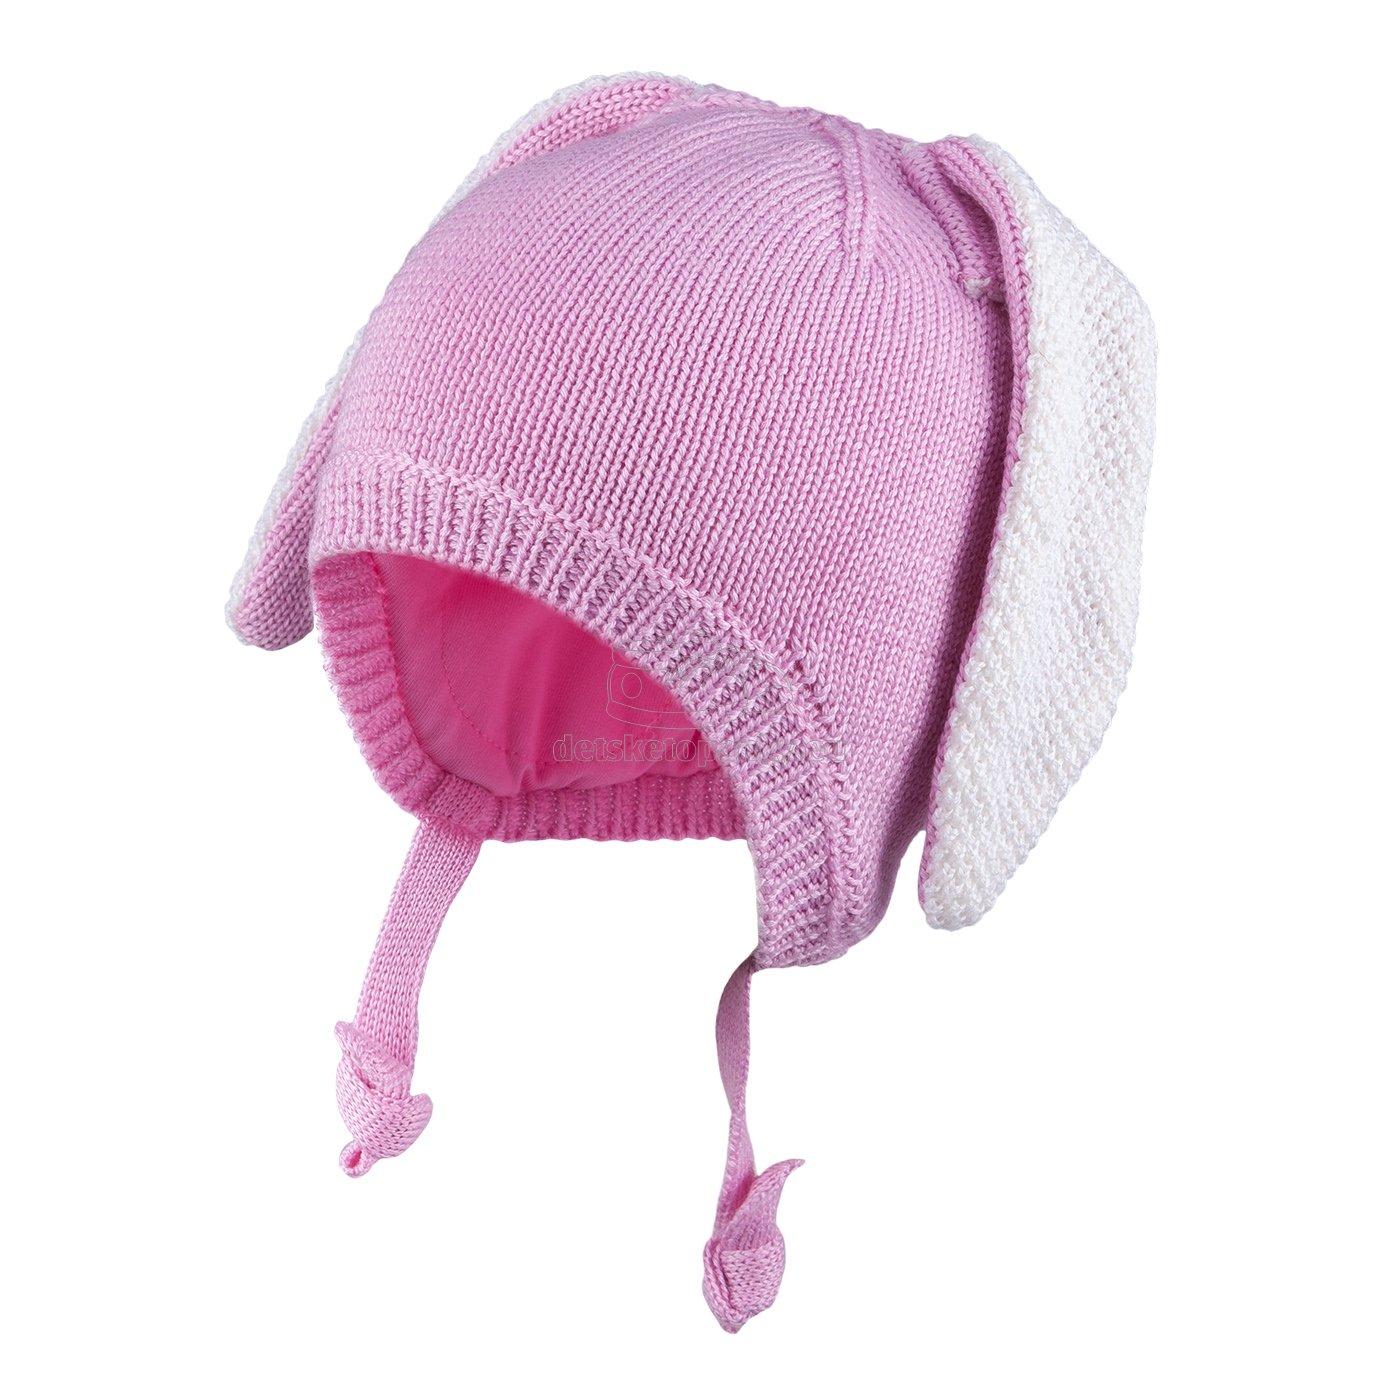 Detská zimná čapica TUTU 3-005123 lt.pink